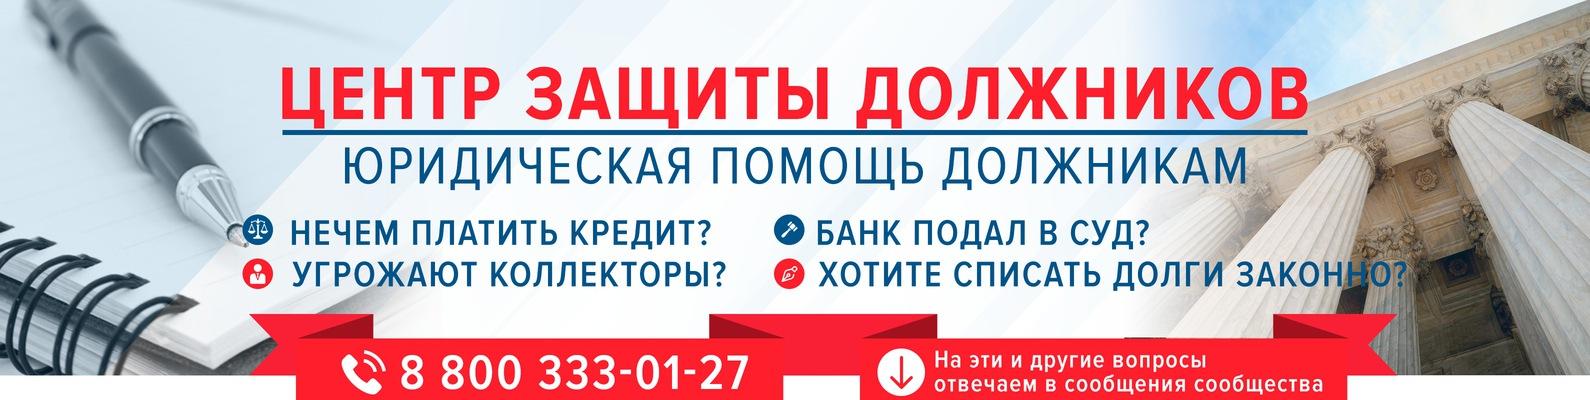 Помощь должникам по кредитам в москве